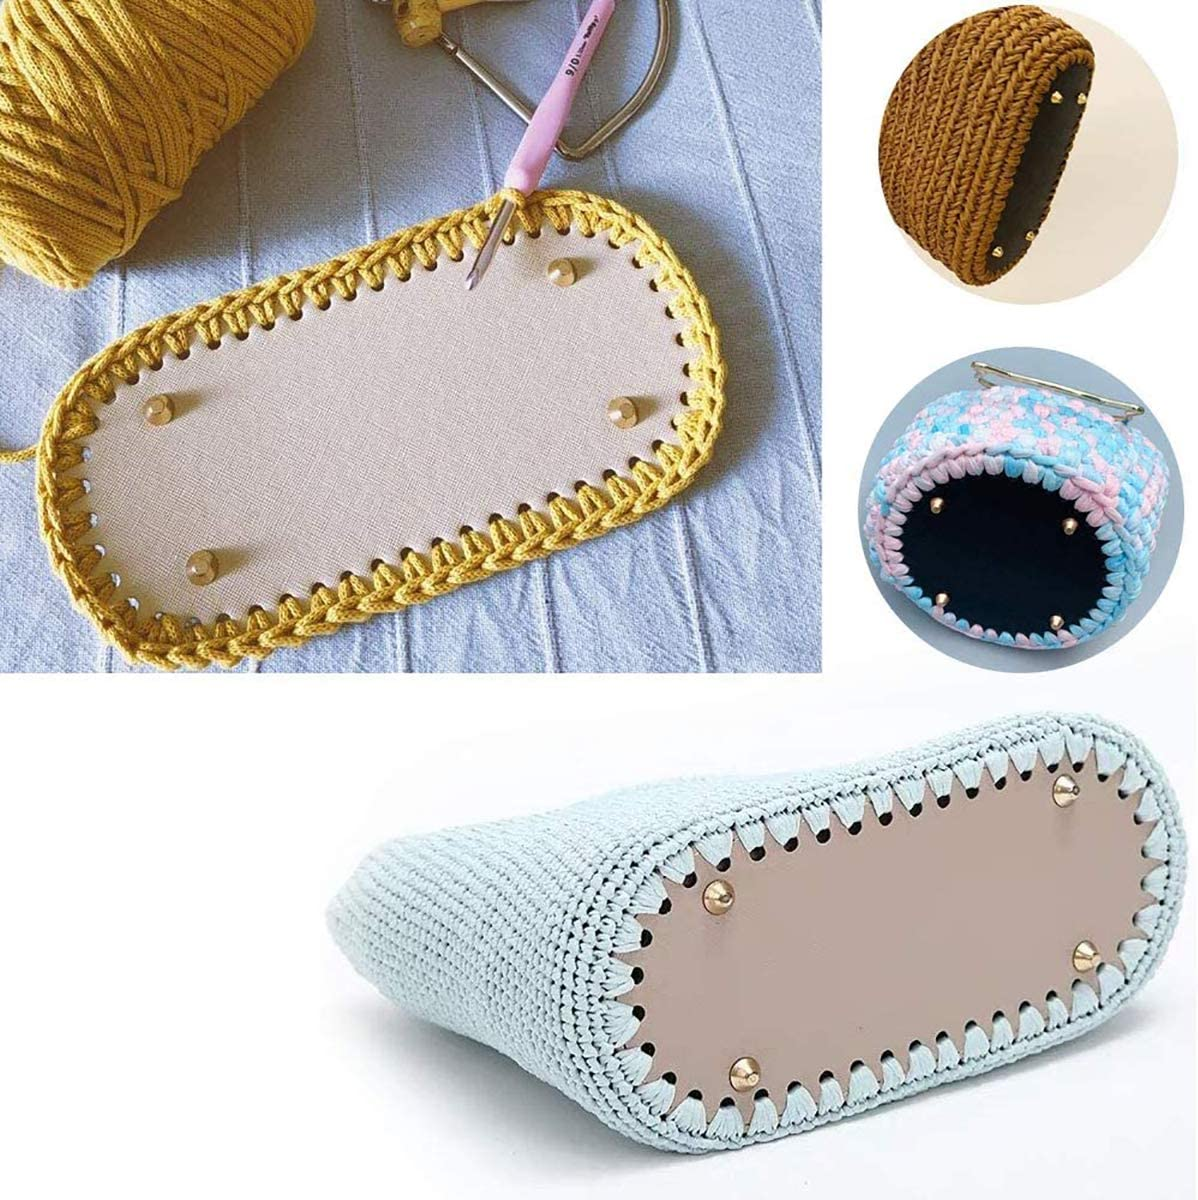 SUPVOX PU bolsa inferior Shaper oval DIY mujer hombro bolsa de punto accesorios albaricoque